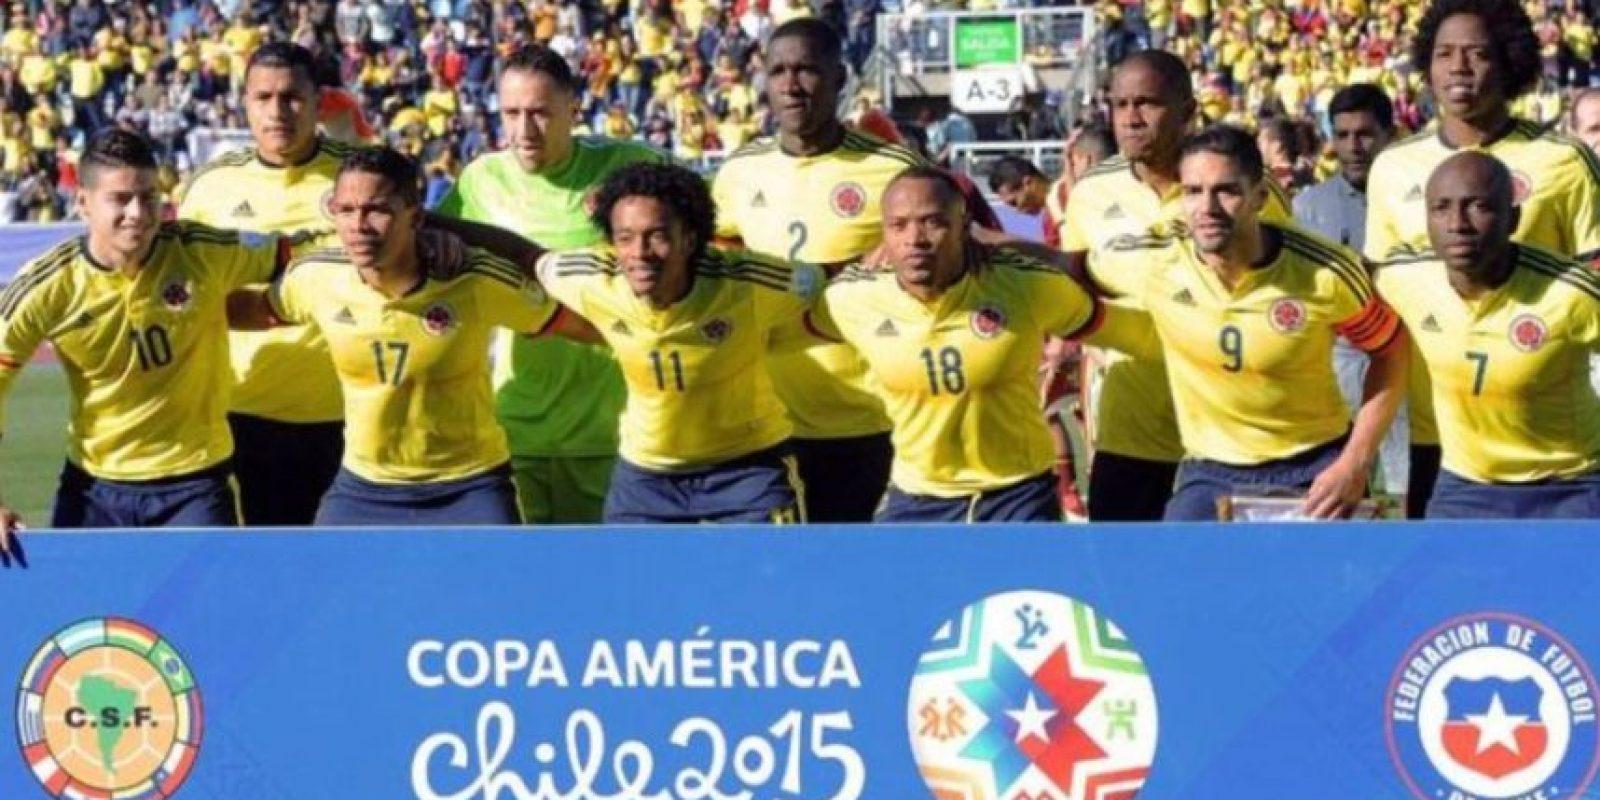 Ha superado cuatro veces los cuartos de final: Ecuador 1993, Uruguay 1995, Colombia 2001 (fue campeón) y Perú 2004. Foto:Vía facebook.com/FCFSeleccionColPage